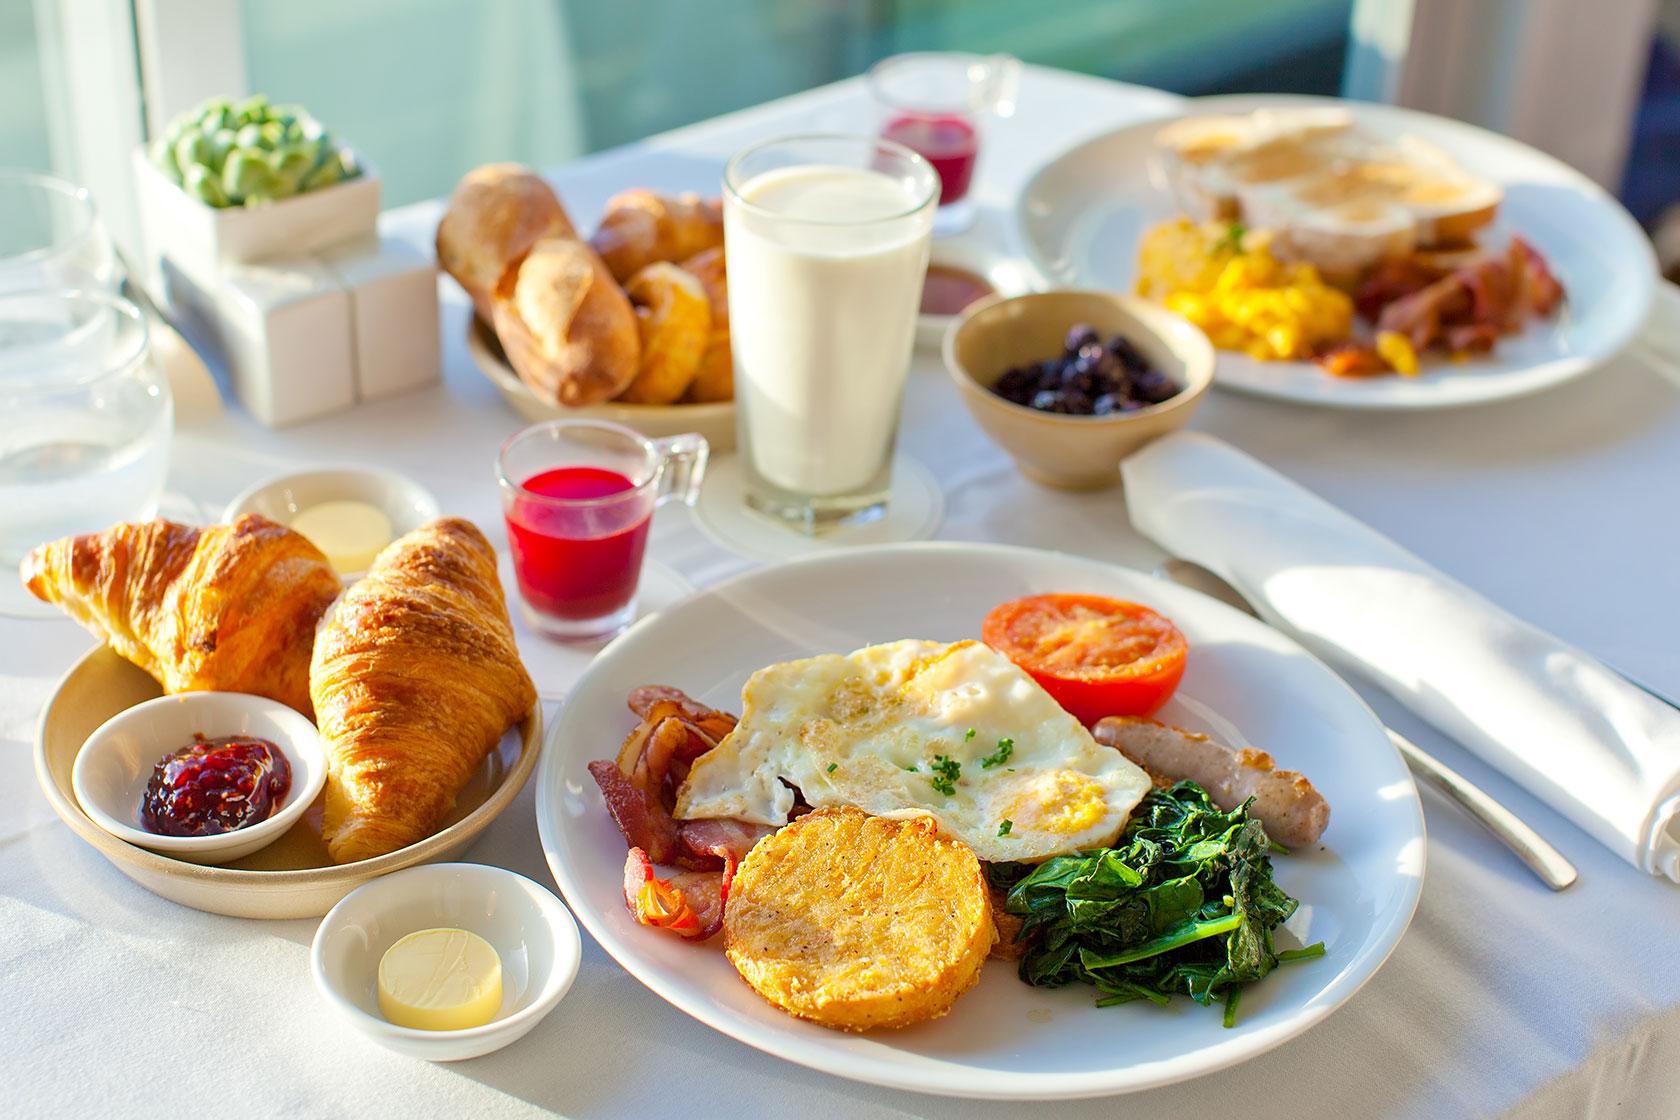 موقع صبحانه به این غذاها لب نزنید